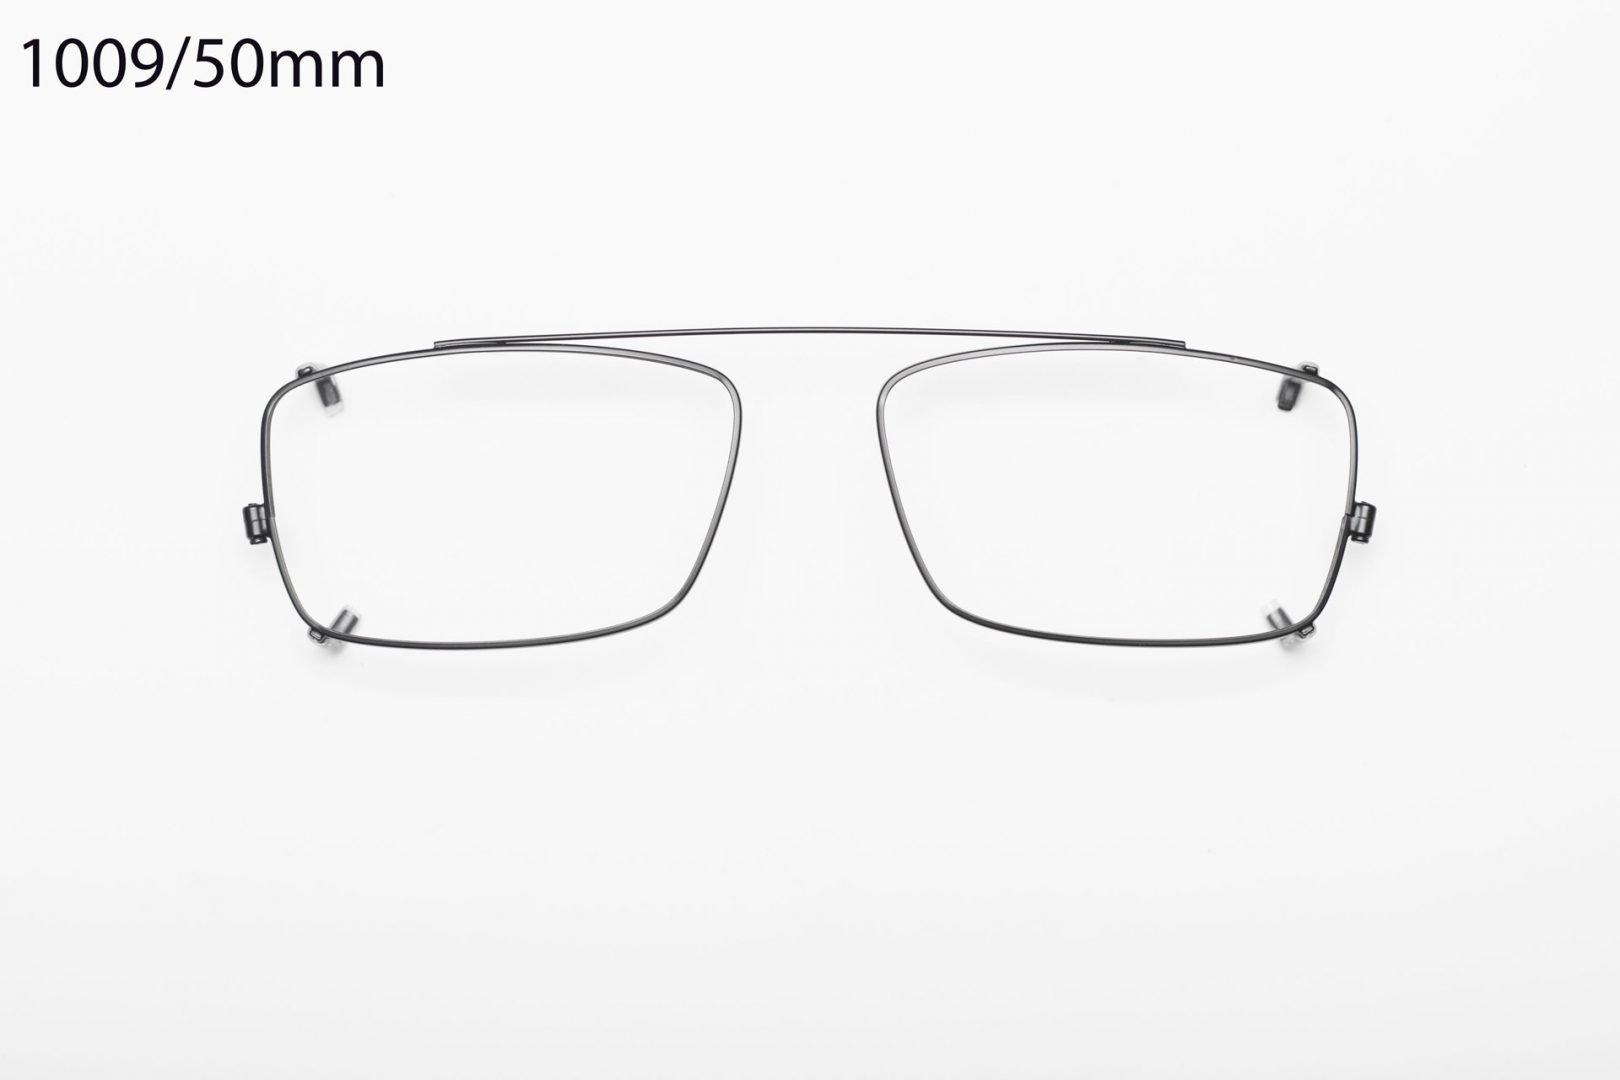 Modèle A104-100950mm